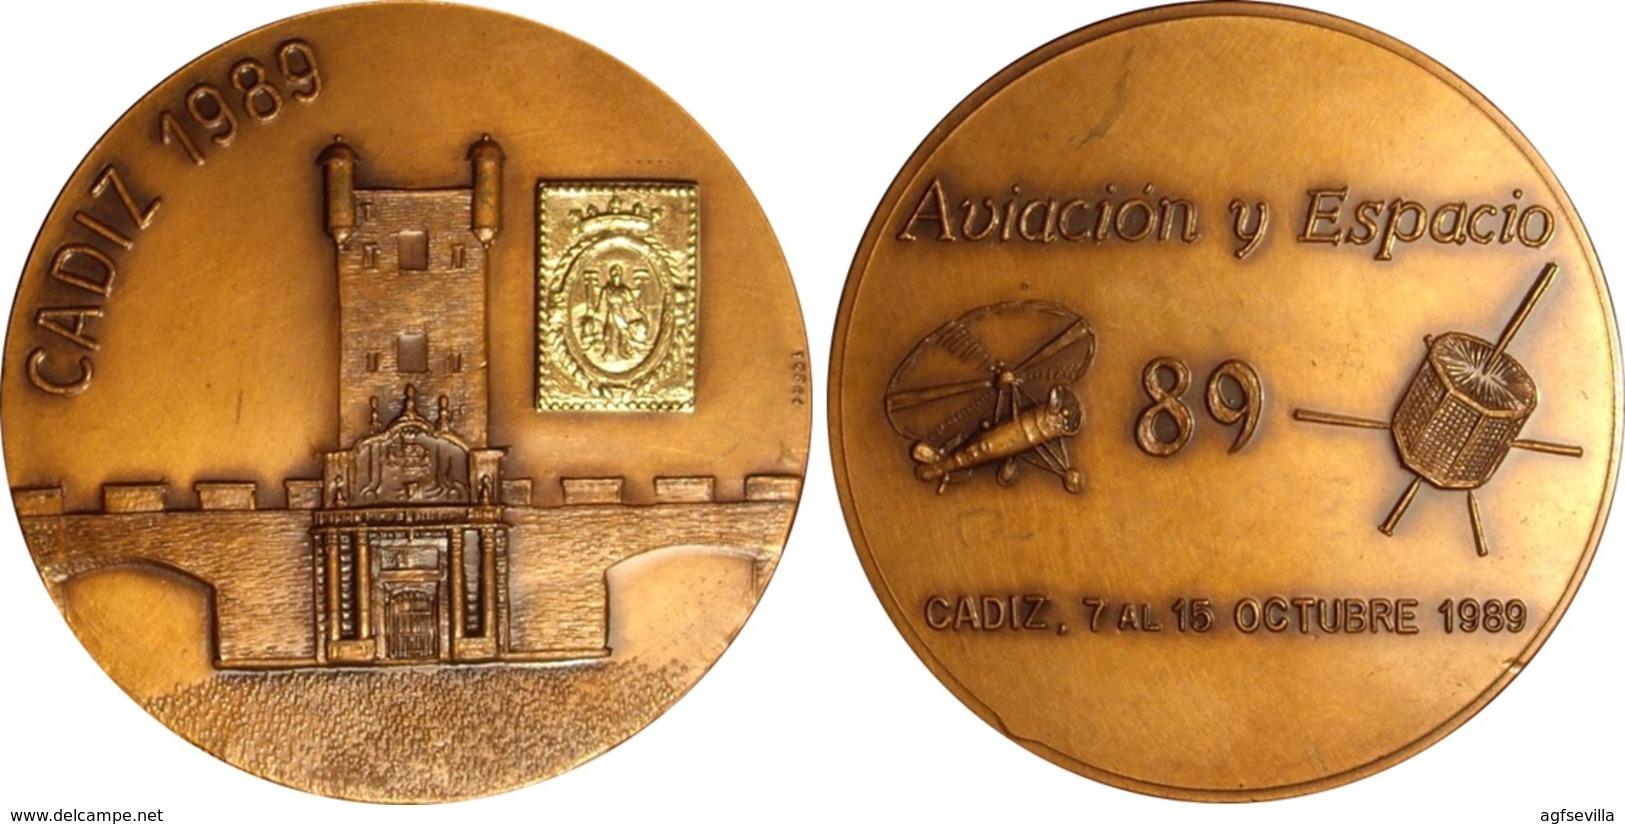 ESPAÑA. MEDALLA AVIACIÓN Y ESPACIO. CÁDIZ 1.989. BRONCE. ESPAGNE. SPAIN MEDAL - Profesionales/De Sociedad